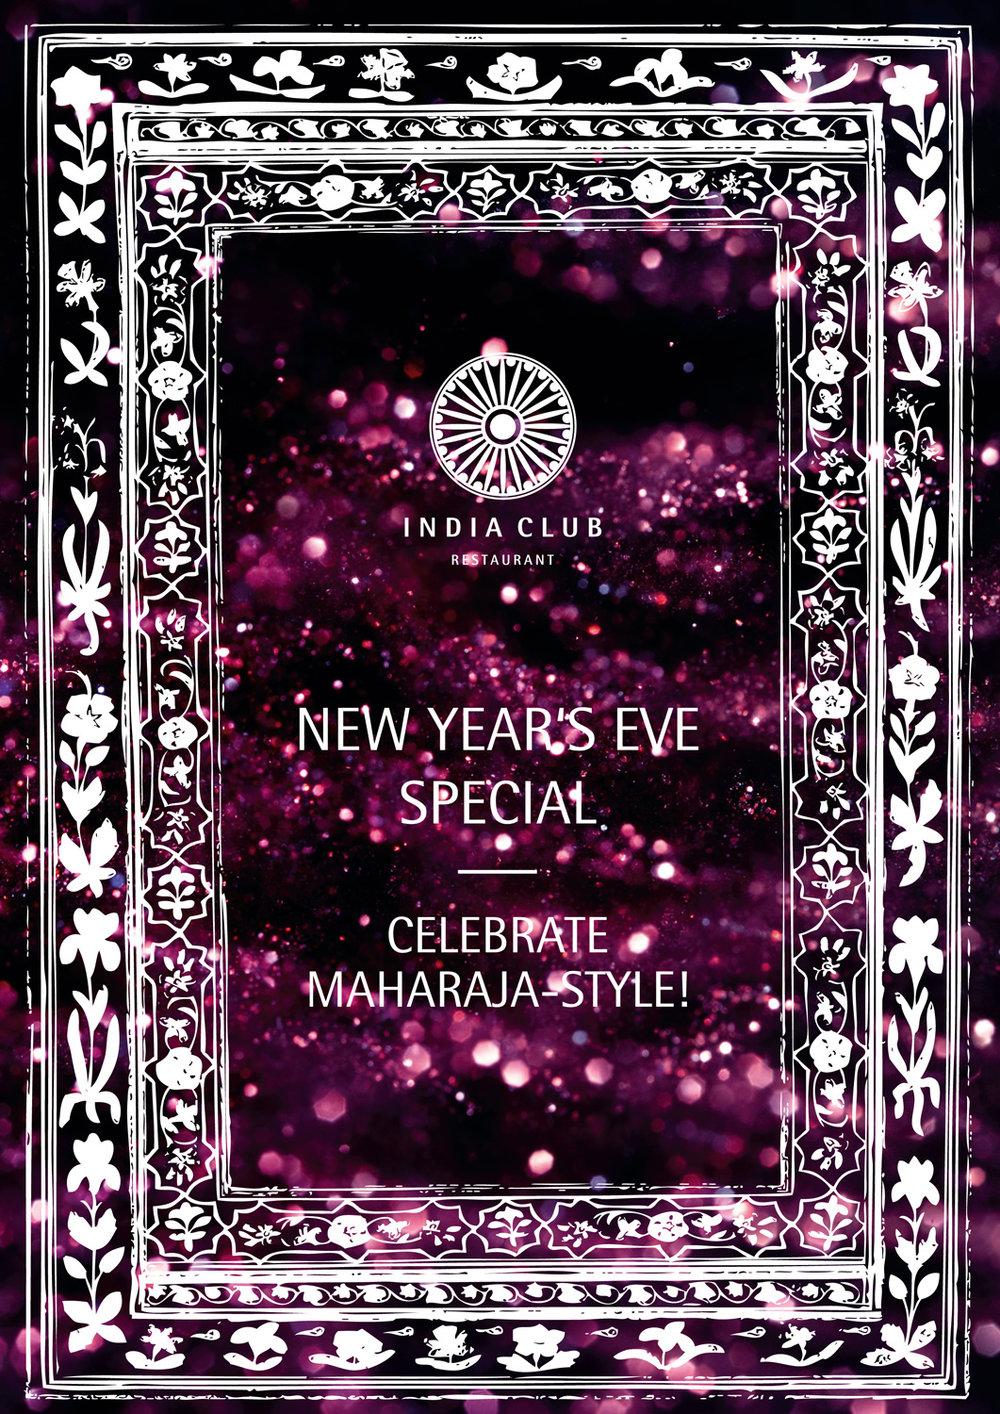 CELEBRATE MAHARAJA STYLEAND BOOK YOUR TABLE NOW! - Erleben Sie eine unvergessliche Nacht zum Jahreswechsel – im festlichen Ambiente im Stil der großen Maharadschas. Entdecken Sie unser spezielles Angebot für die Silversternacht 2017/18 HIER.Bitte beachten Sie, dass die Plätze für diesen Event limitiert sind.______Experience an unforgettable night and celebrate new year's eve in the style of the great maharajas. Discover our special offers for this night HERE.Please be aware, that we only have a limited quantity of seats for this event.BOOK YOUR TICKETS NOW:T: +49 30 2062 8610M: info@india-club-berlin.com